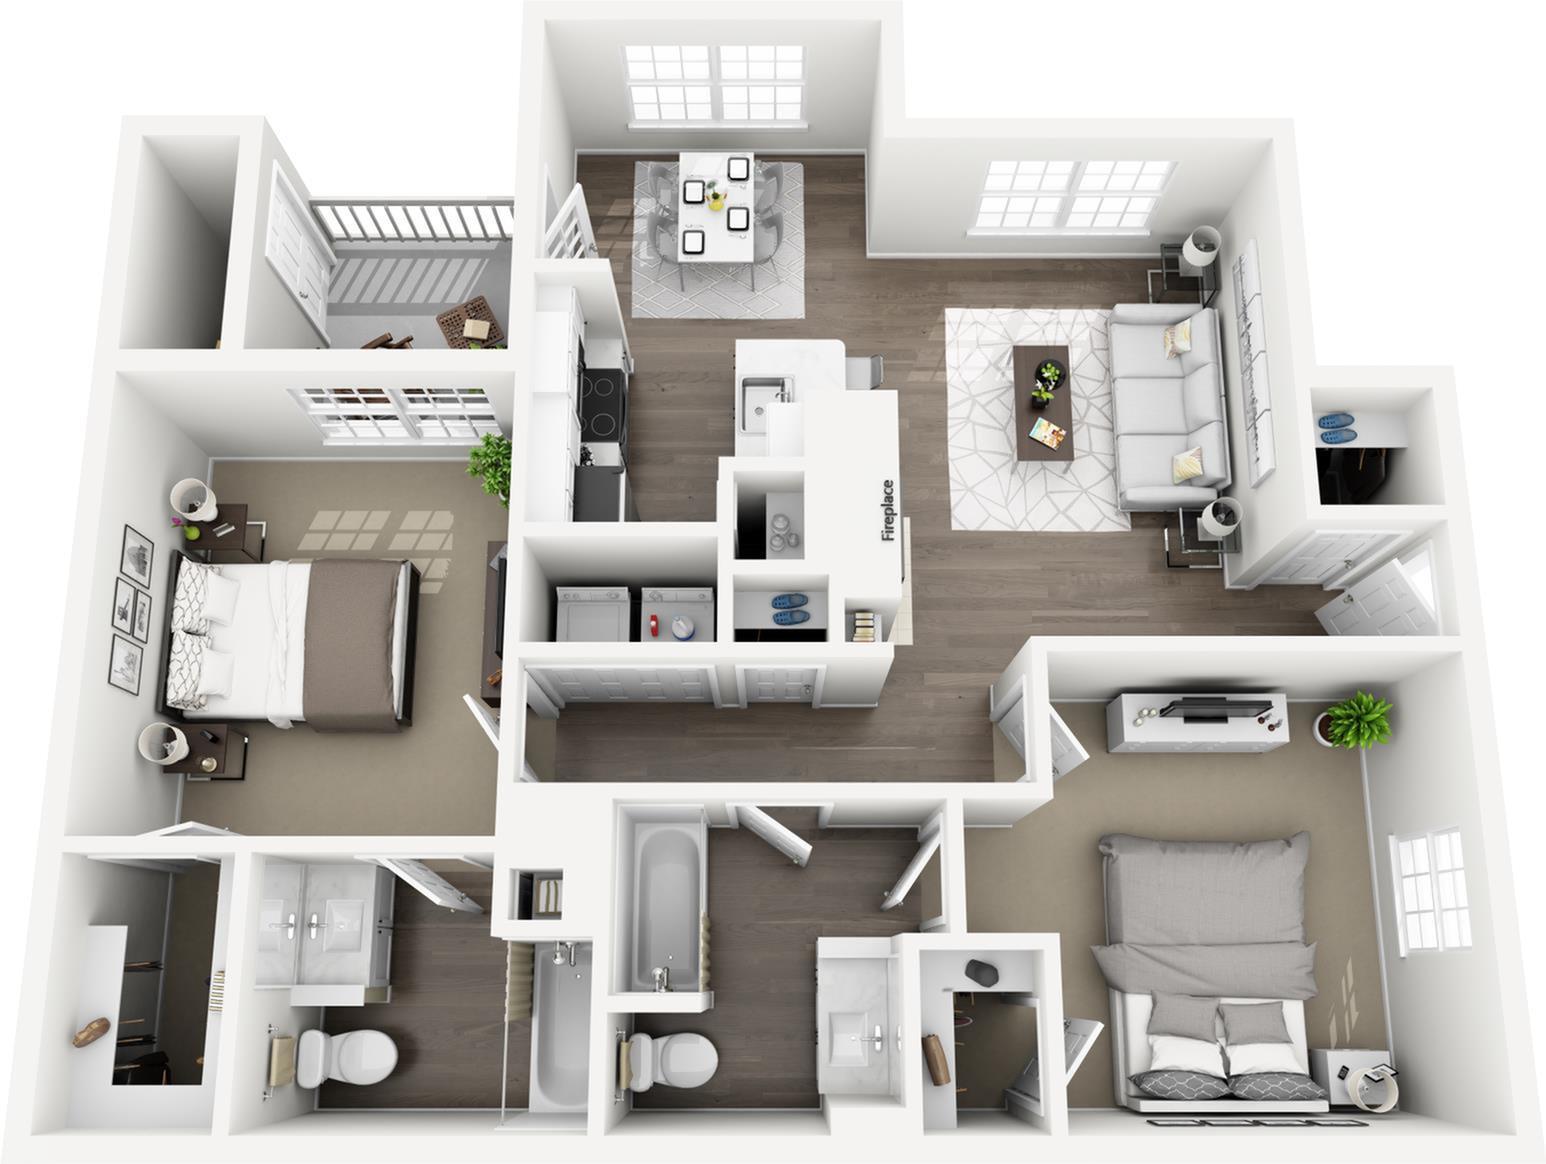 C3 - The Roselawn Floor Plan | Lexington Farms | Apartments in Overland Park, KS